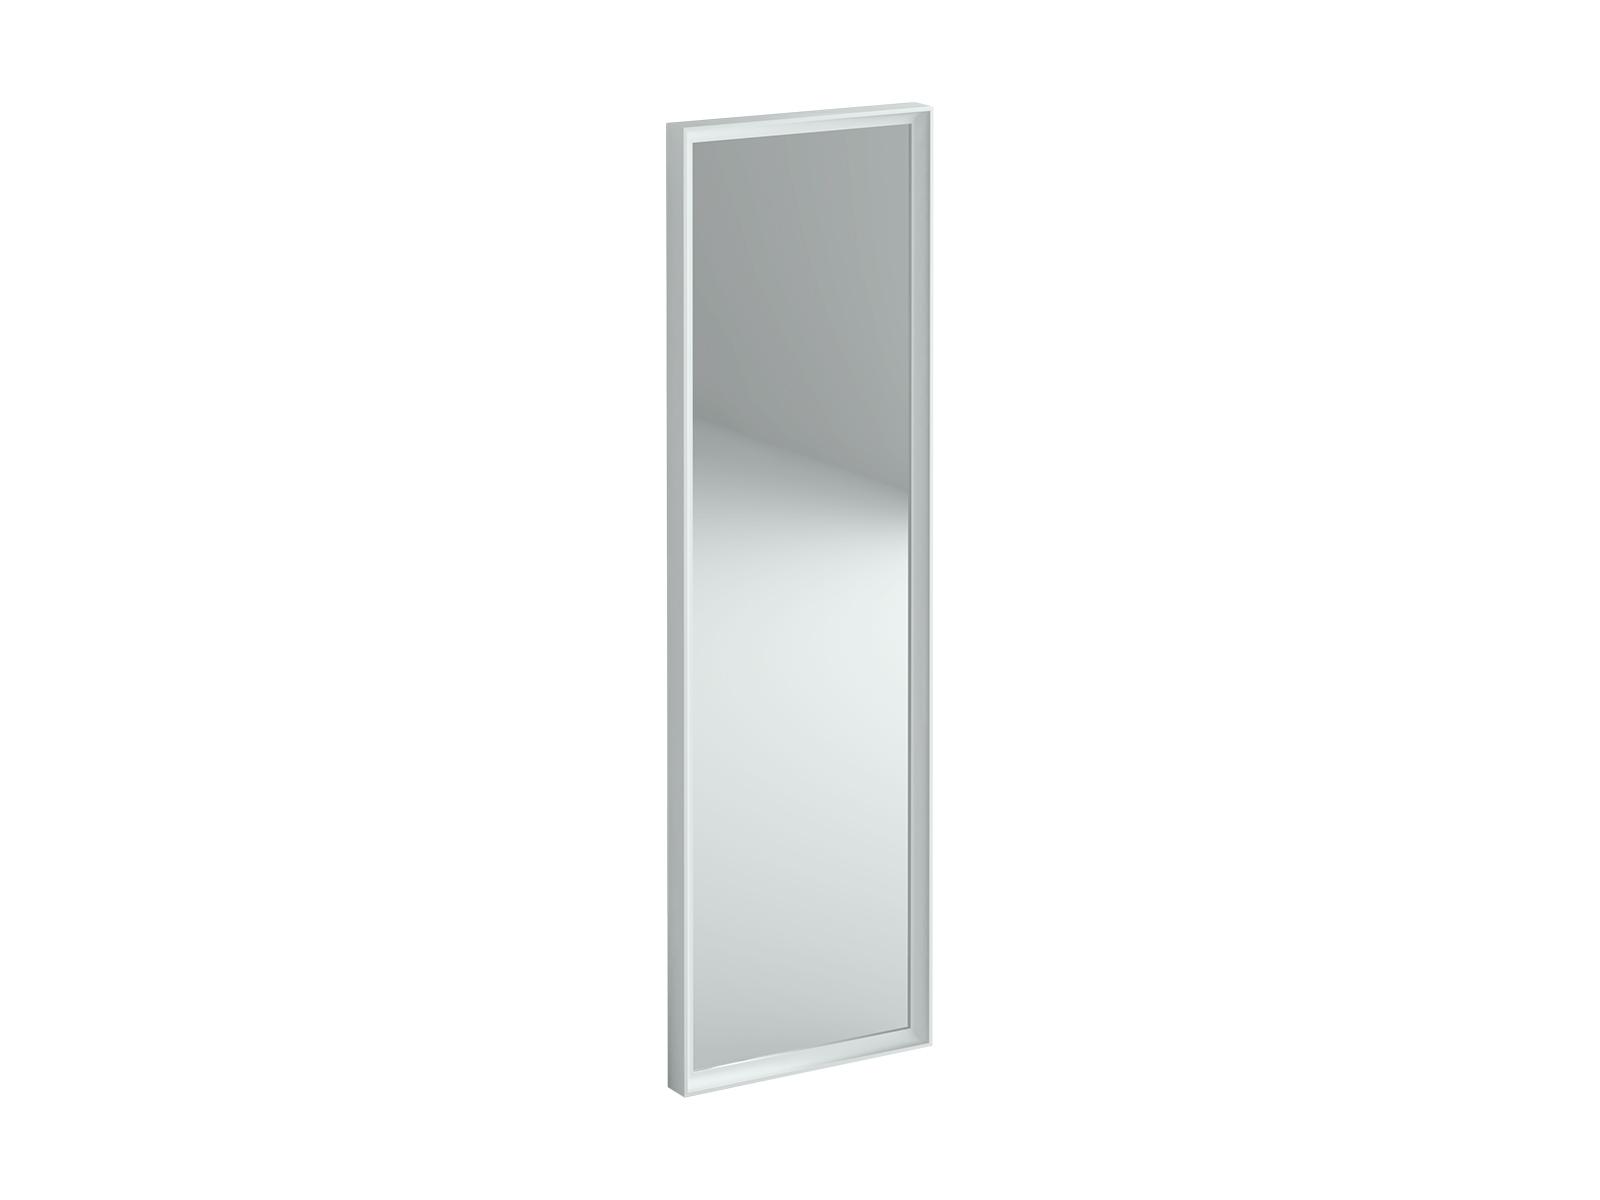 Зеркало ReinaНапольные зеркала<br>Зеркало напольное. На нижней кромке расположены подпятники. Для защиты зеркала от падения на задней стенке установлены навесы для крепления к стене. В зависимости от типа стен требуются различные крепежные приспособления, которые в комплект поставки не входят. Подберите подходящие для ваших стен шурупы, саморезы, дюбели и т. п.<br><br>Material: МДФ<br>Width см: 60<br>Depth см: 6<br>Height см: 201